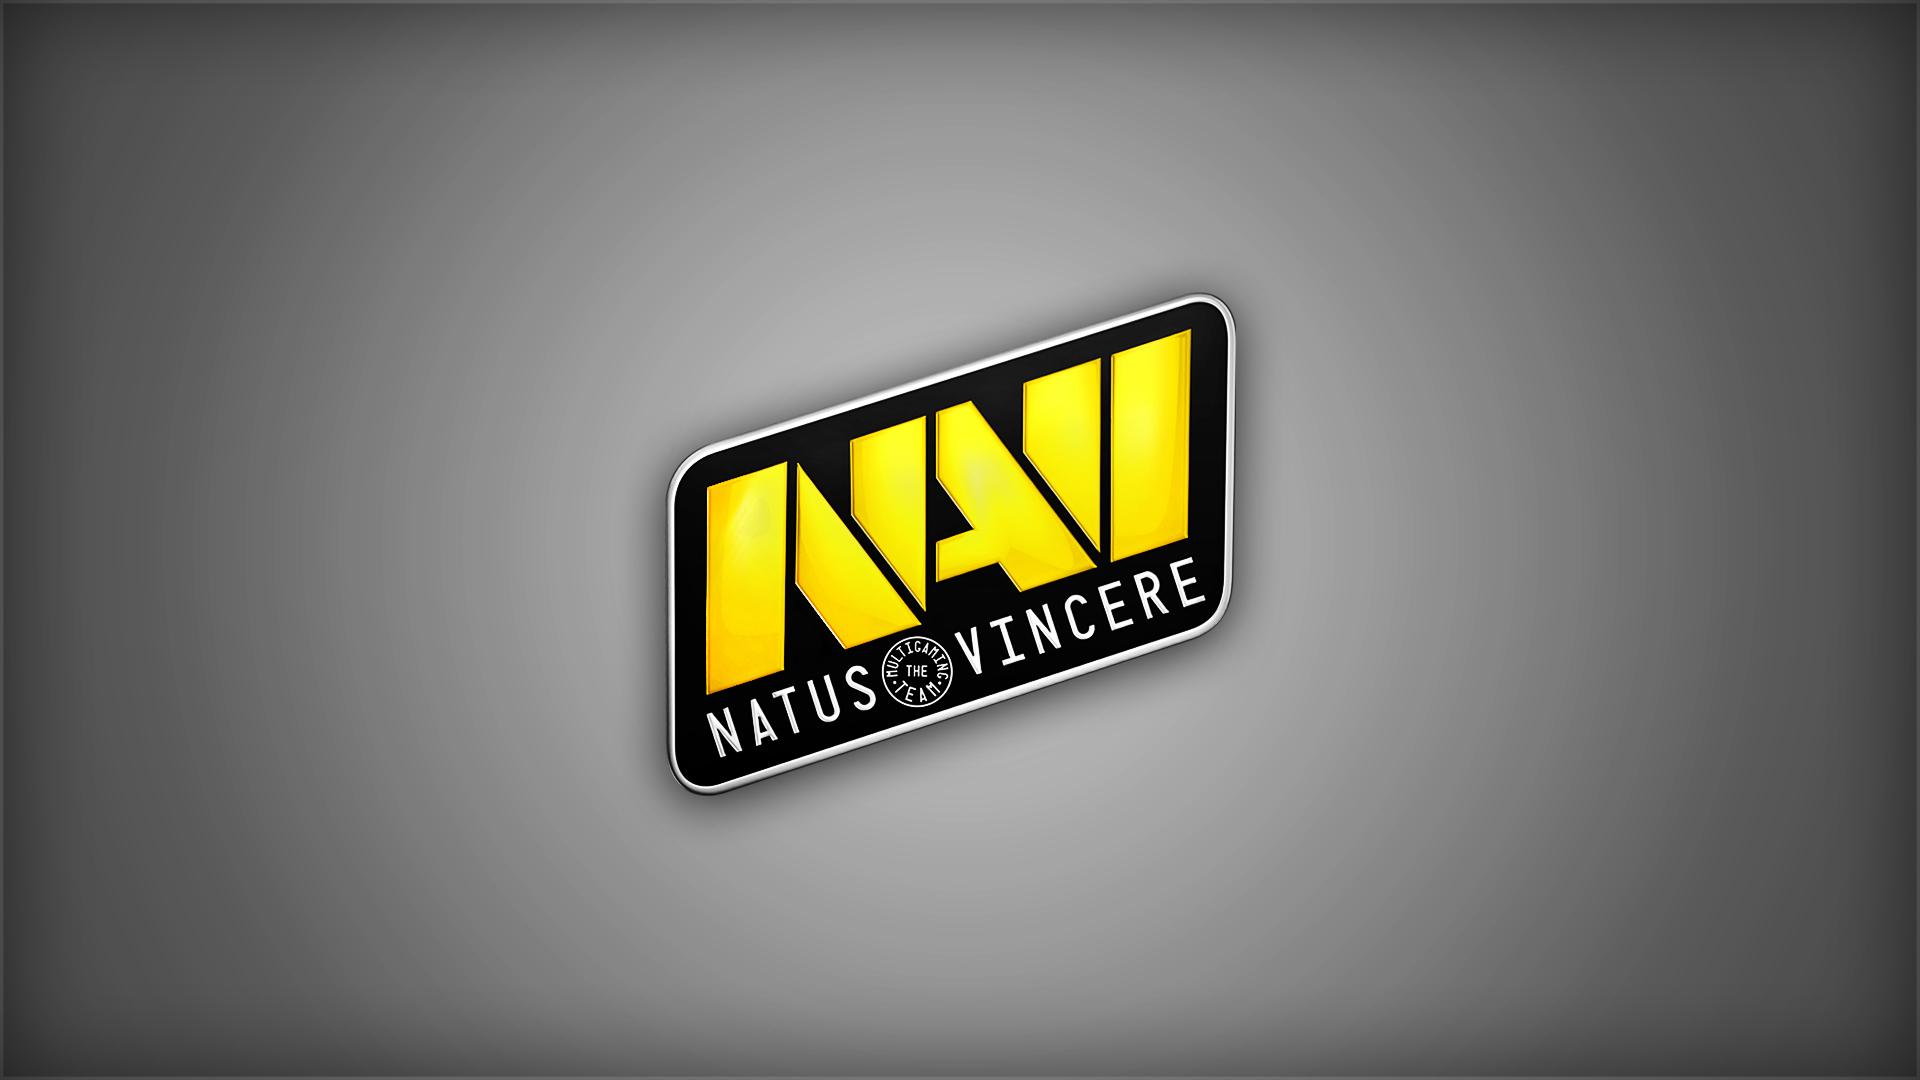 Navi, Natus Vincere Обои Dota2 бесплатно скачать на рабочий стол